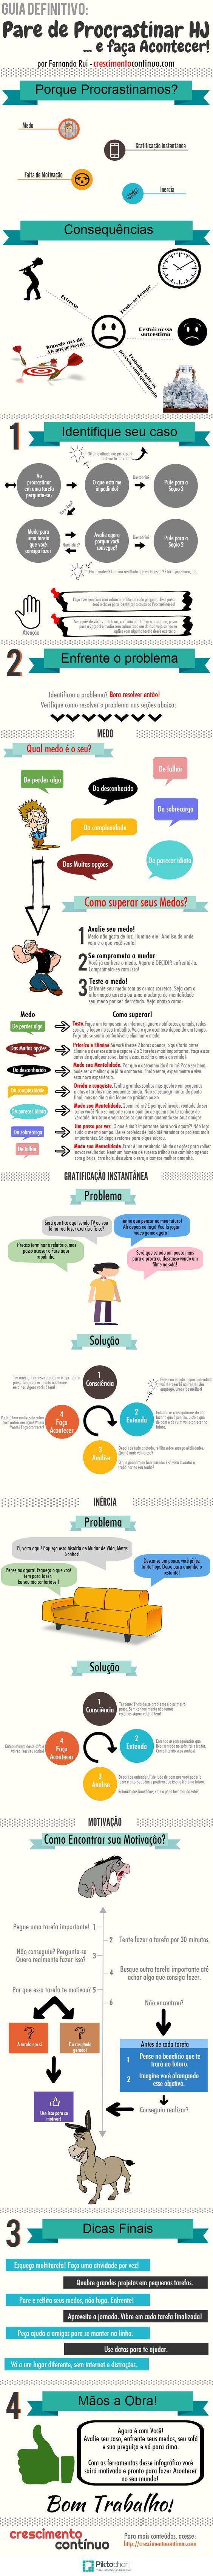 parar de procrastinar: